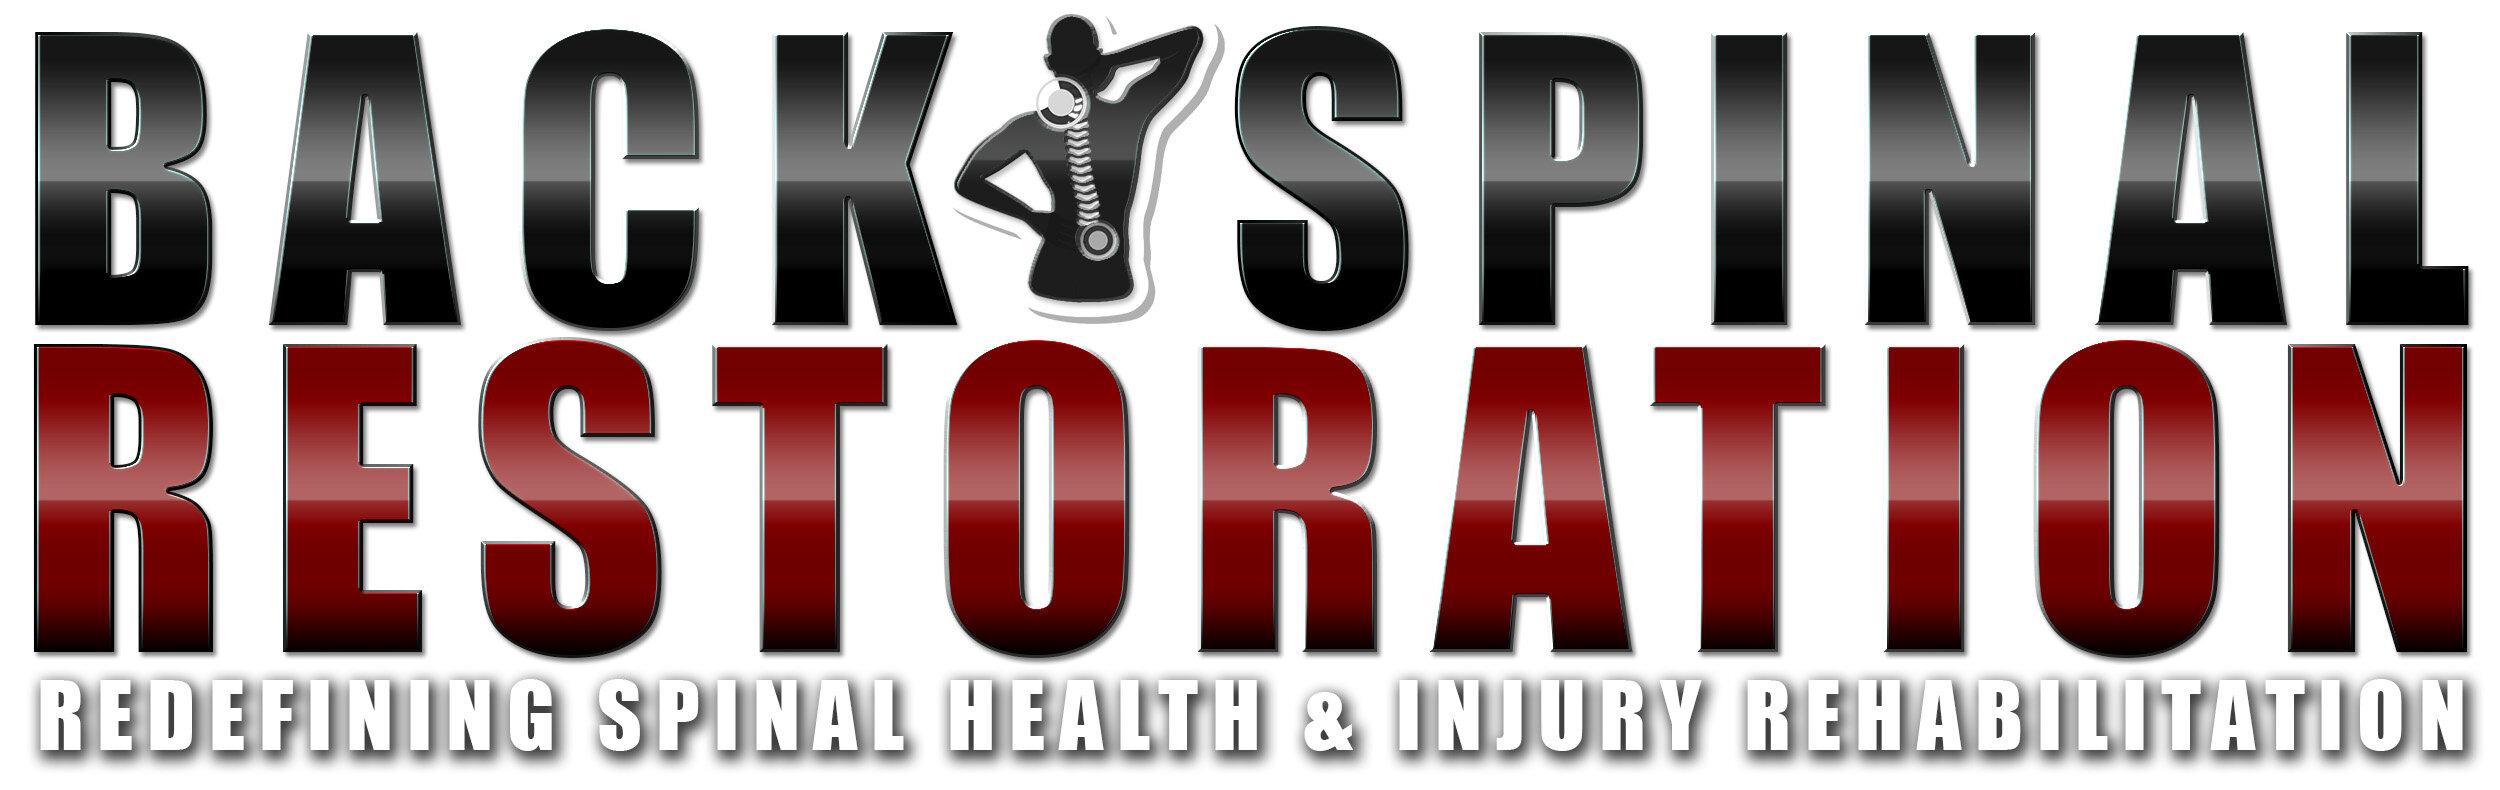 Back and Spinal Restoration Program Title (AHP).jpg